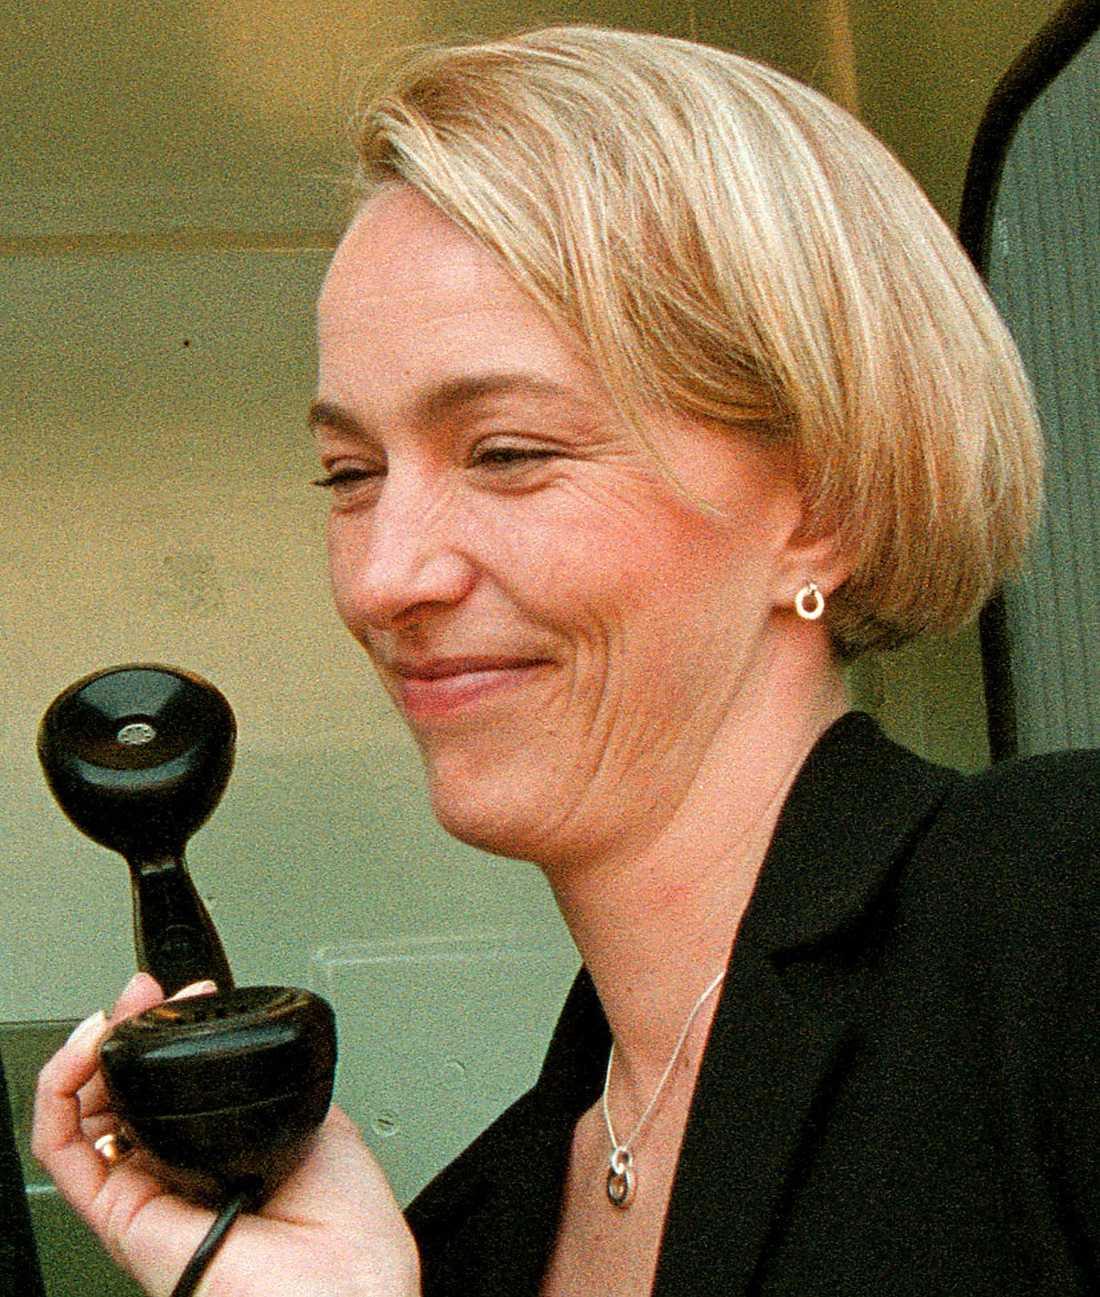 Johanna Hermann Lundberg (tidigare Östlund), 47: Hon var programpresentatör i SVT på 1990-talet, men sökte sig vidare och har gjort rösten åt bland annat Fröken ur. Många andra företag har köpt hennes röst till sina telefonsystem.